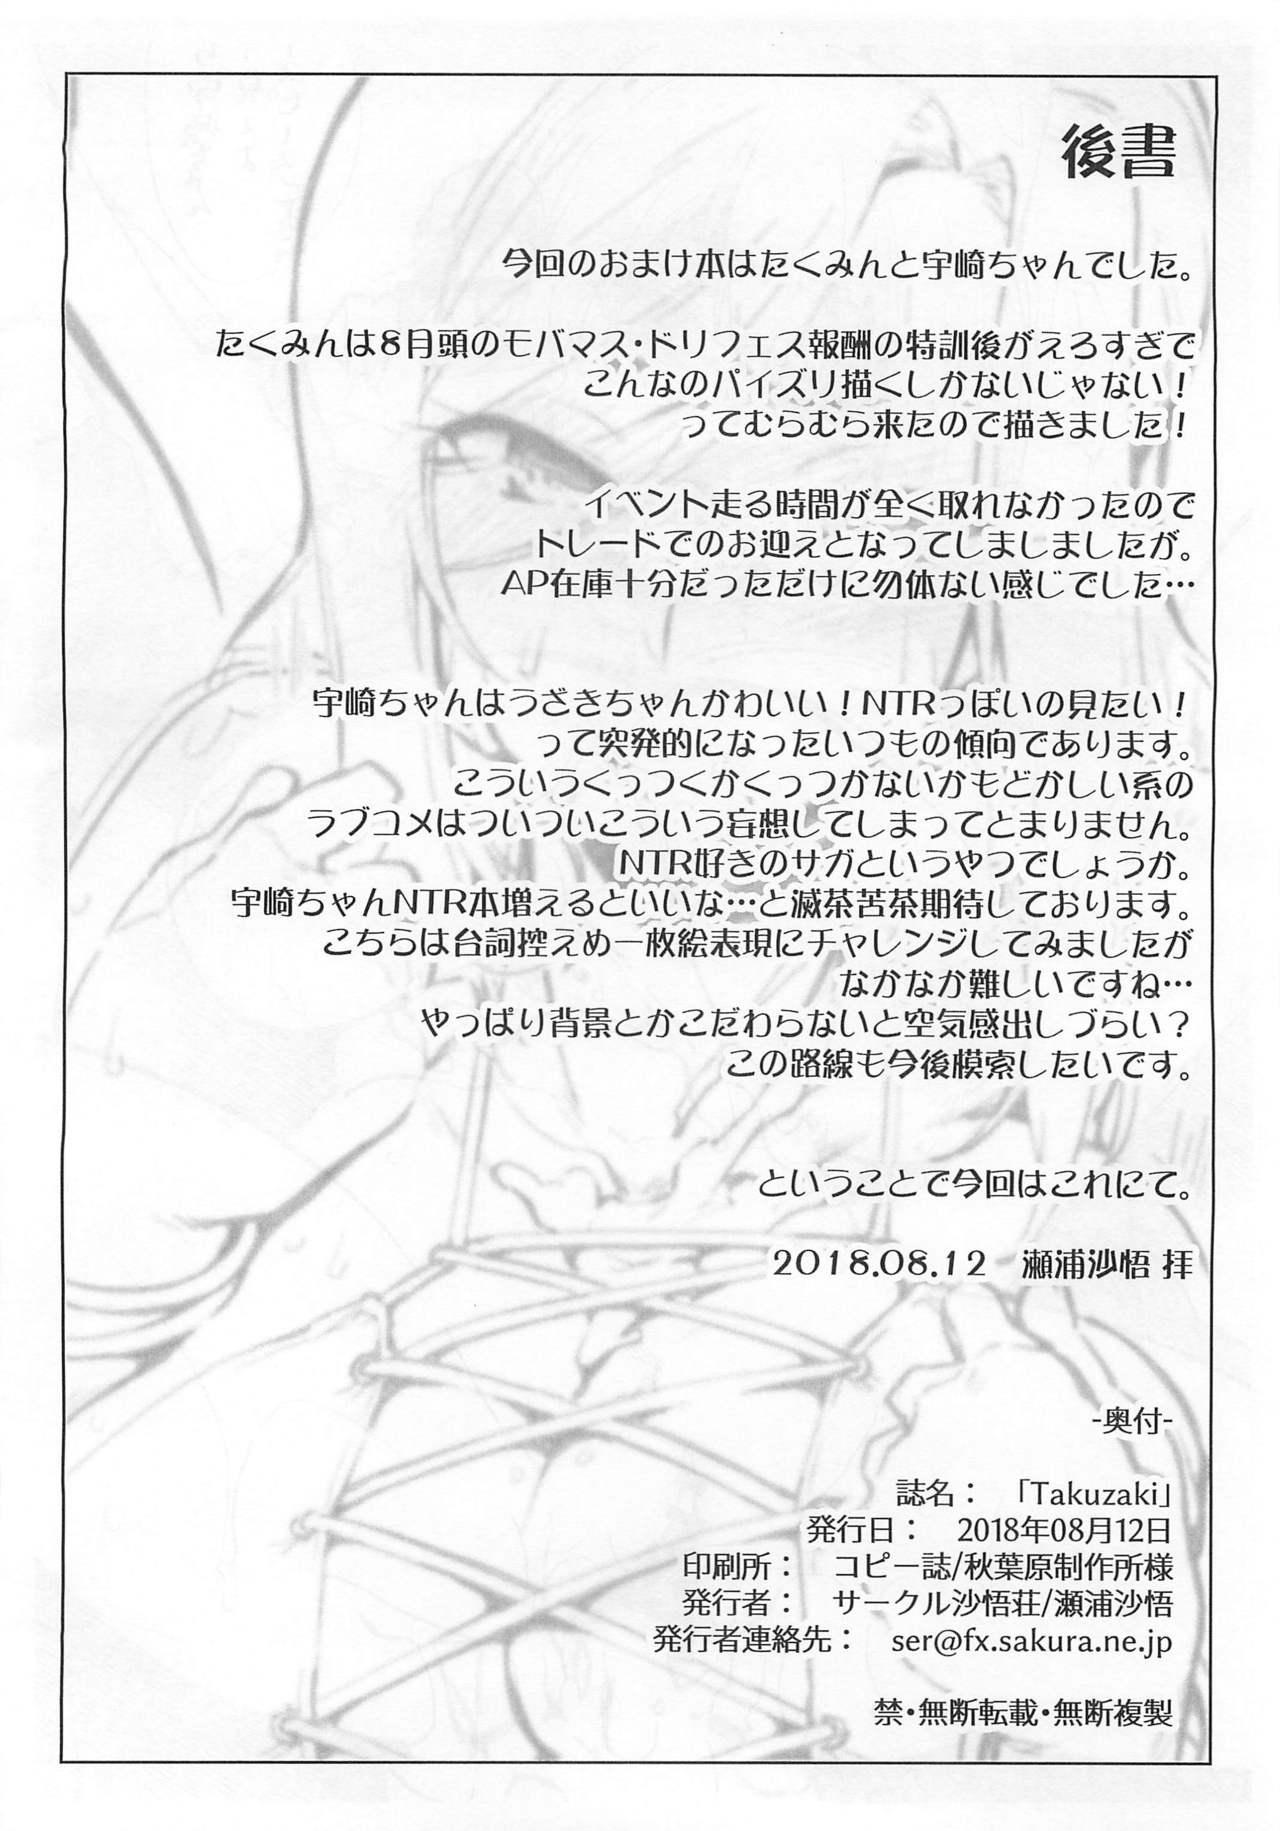 Takuzaki 8